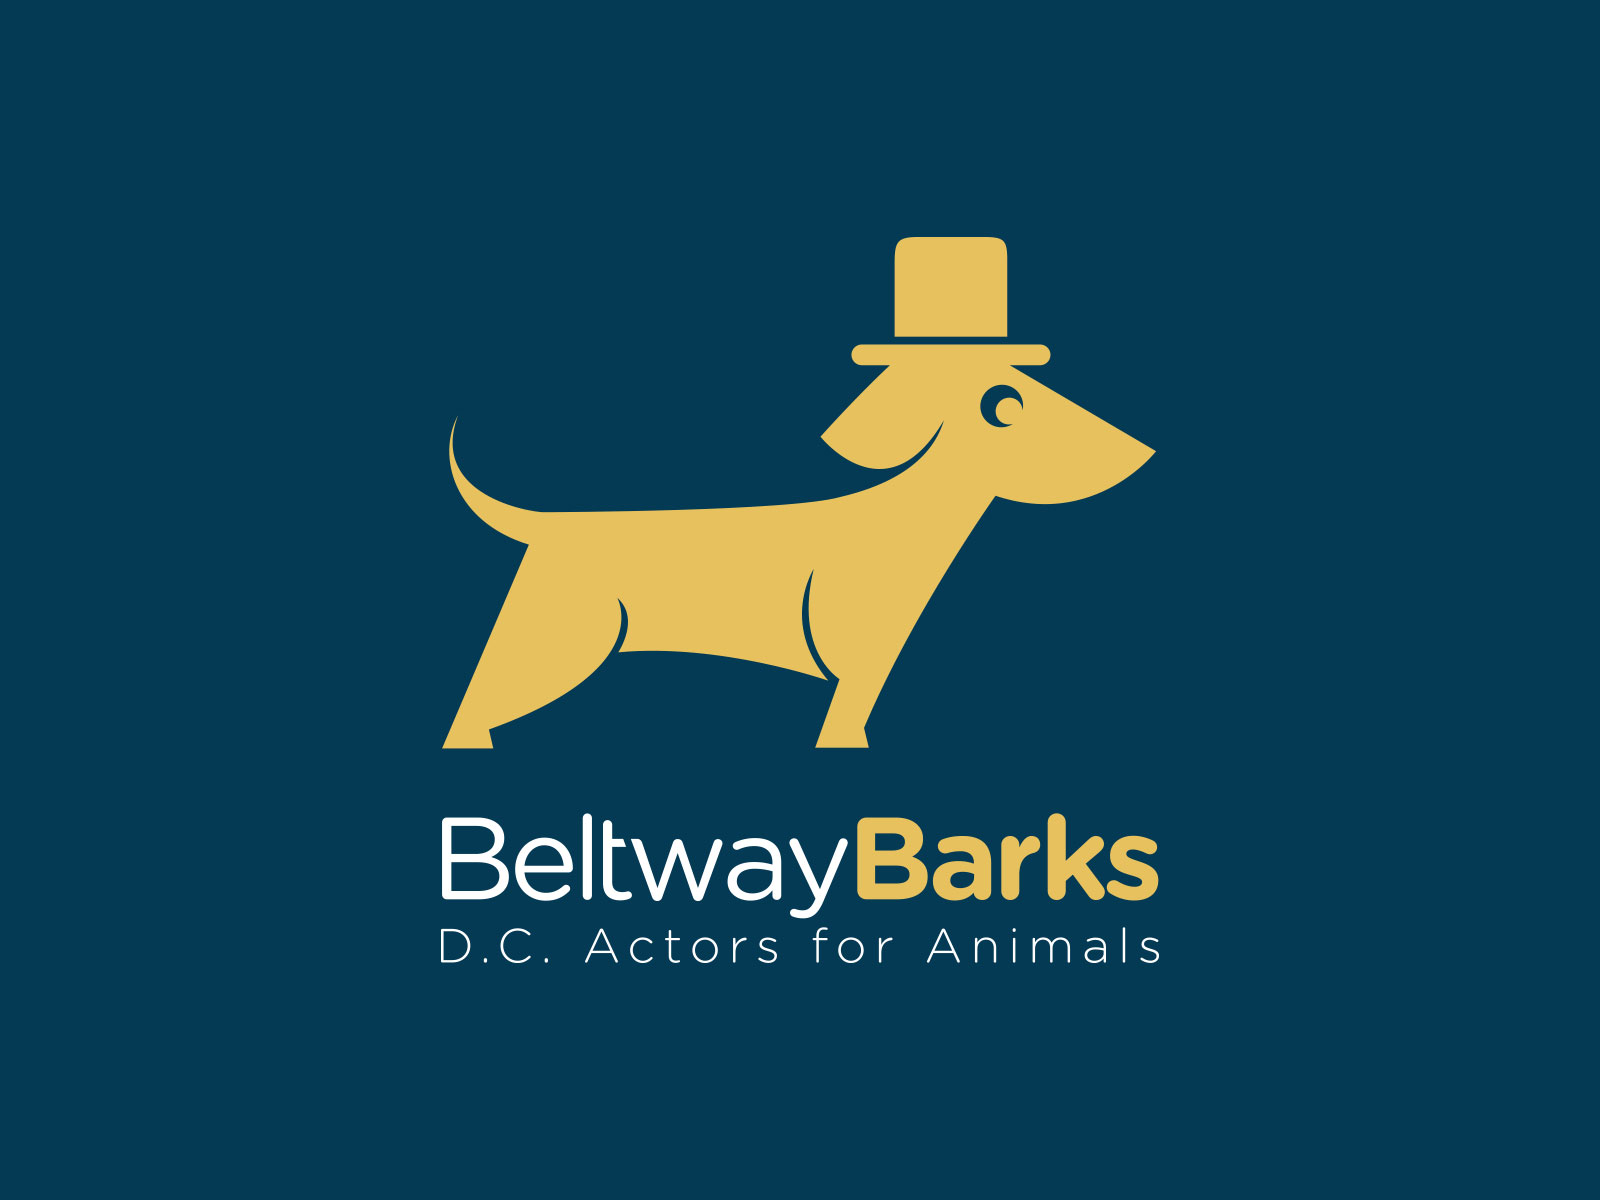 Beltway Barks